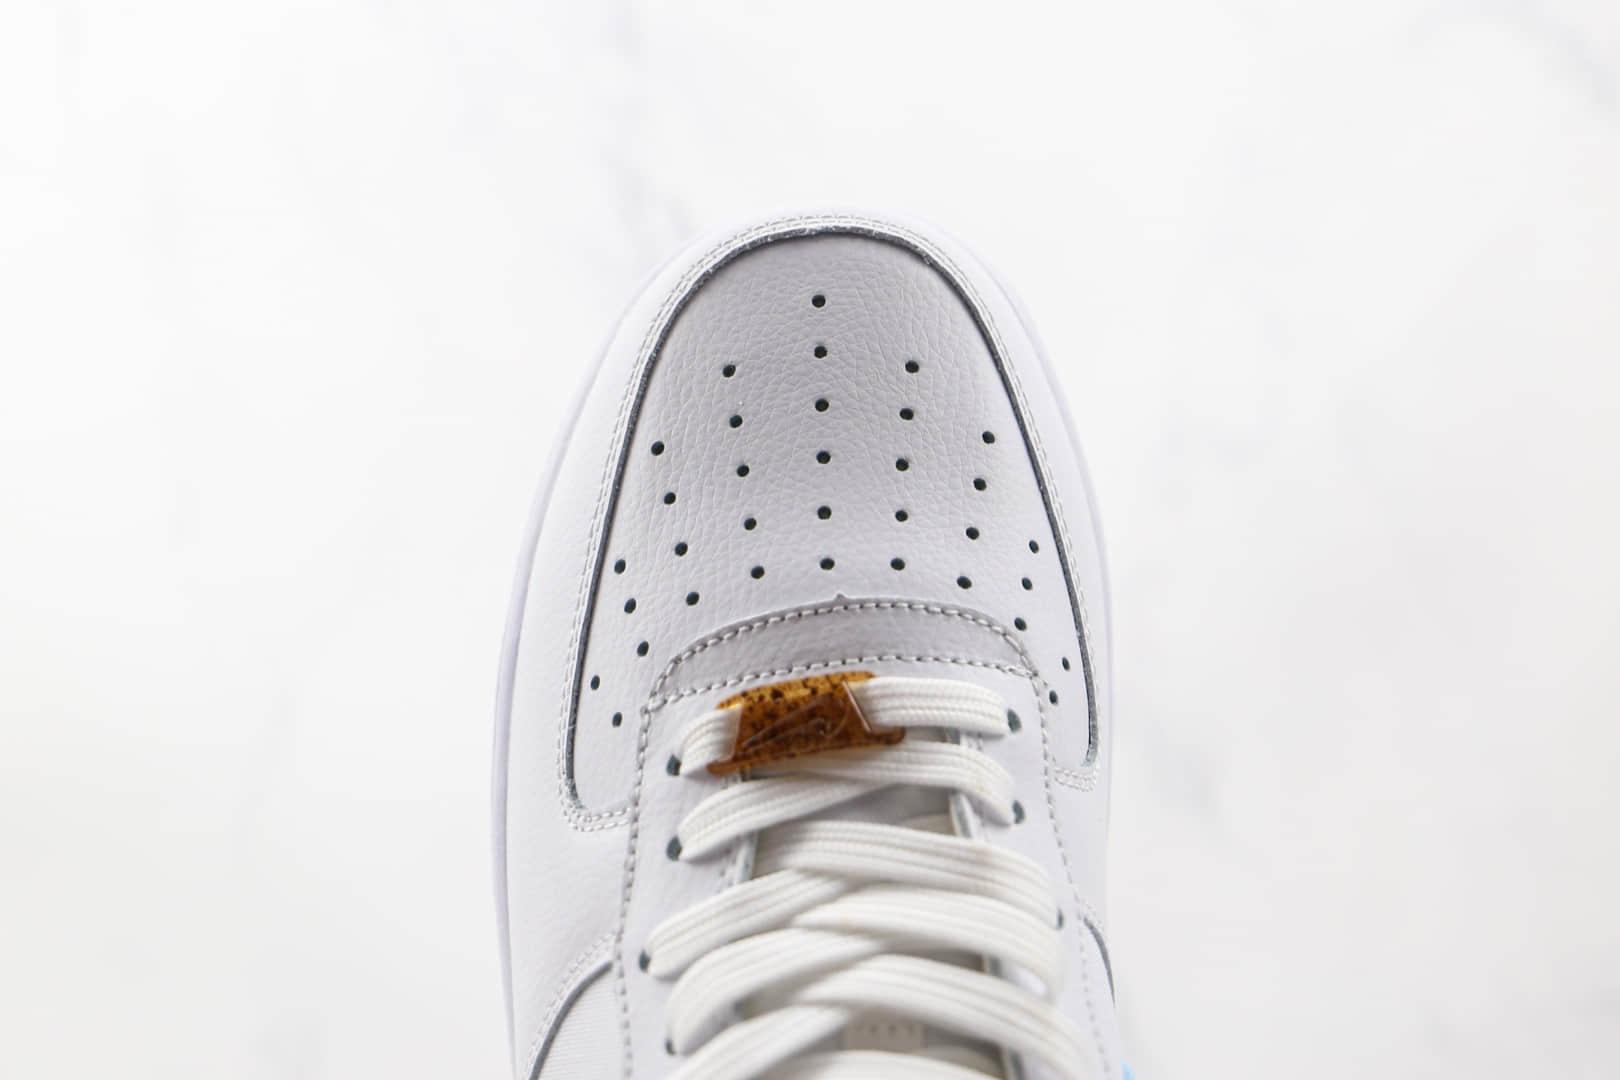 耐克Nike Air Force 1'07 LV8纯原版本低帮空军一号植物刺绣白棕色板鞋原鞋开模一比一打造 货号:CZ0269-100